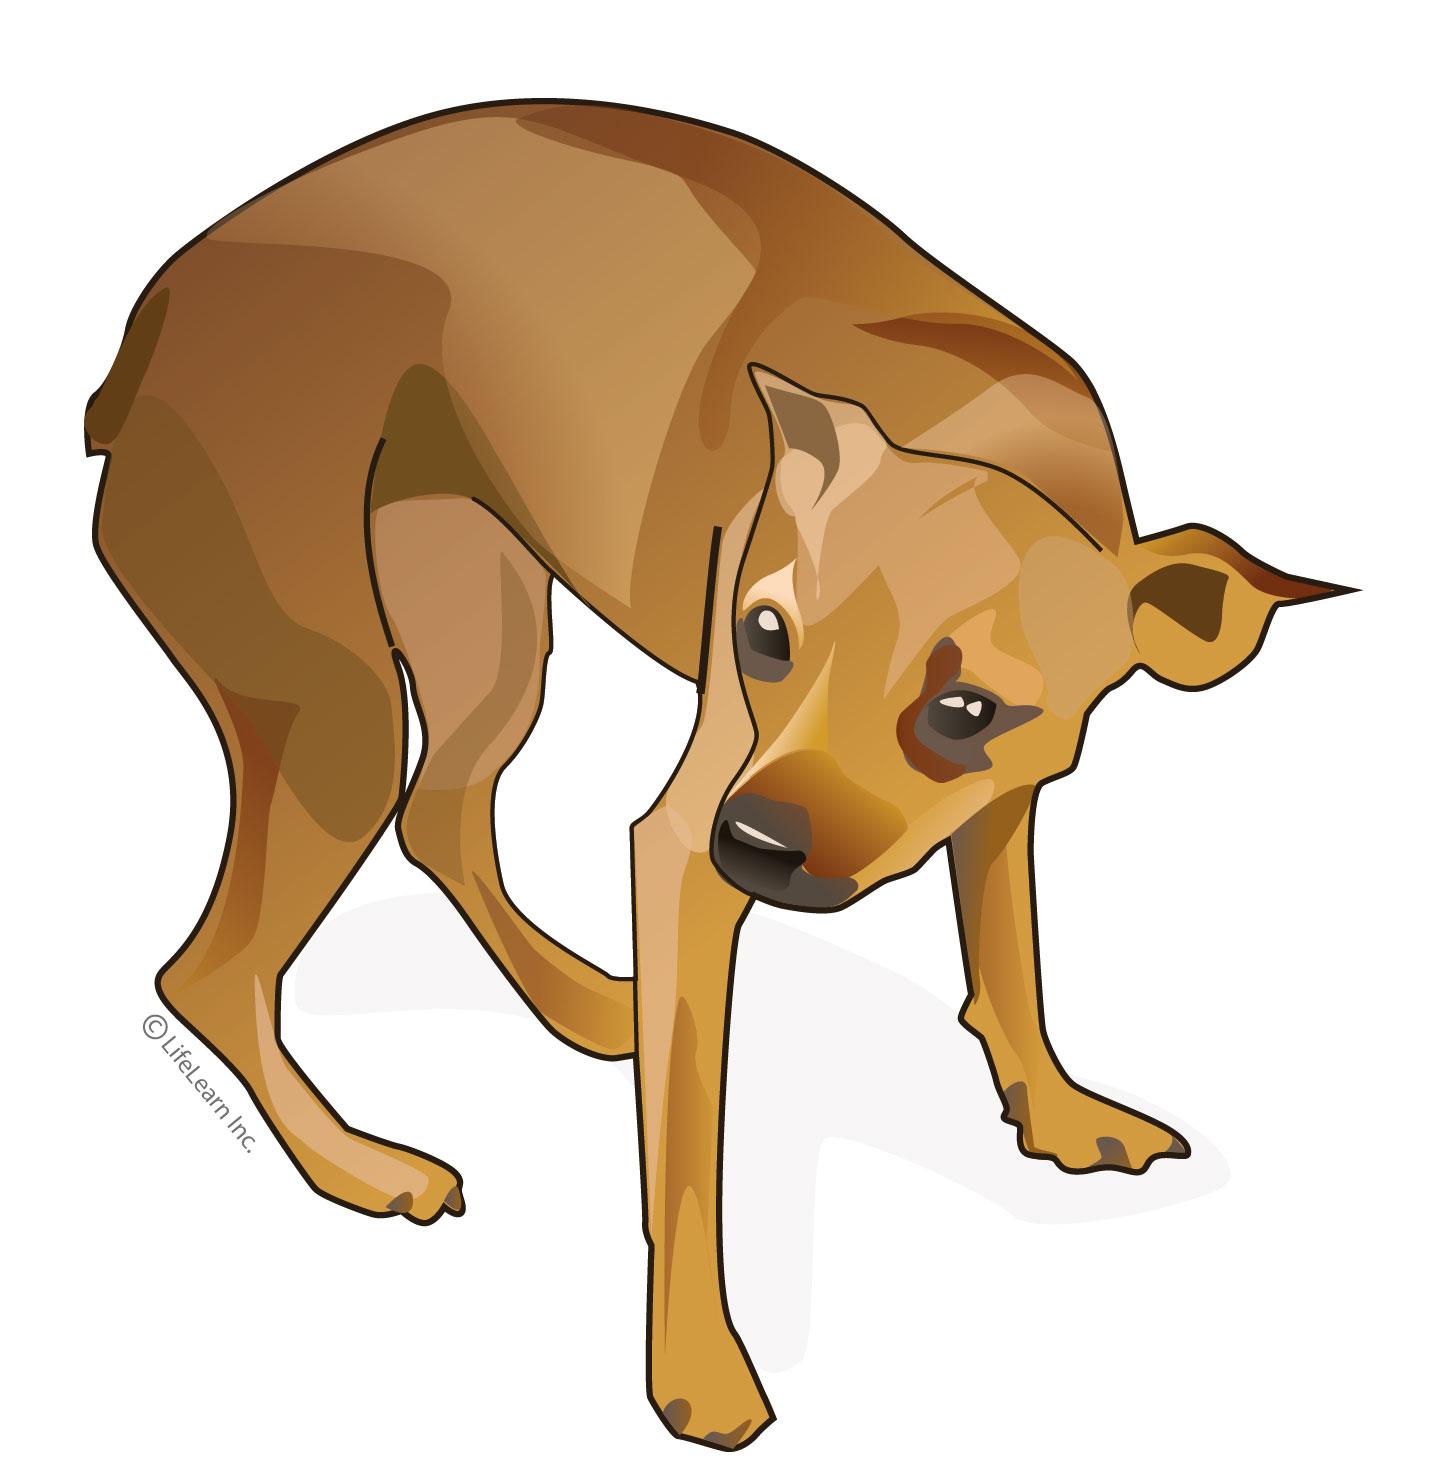 dog_pain_2017-01